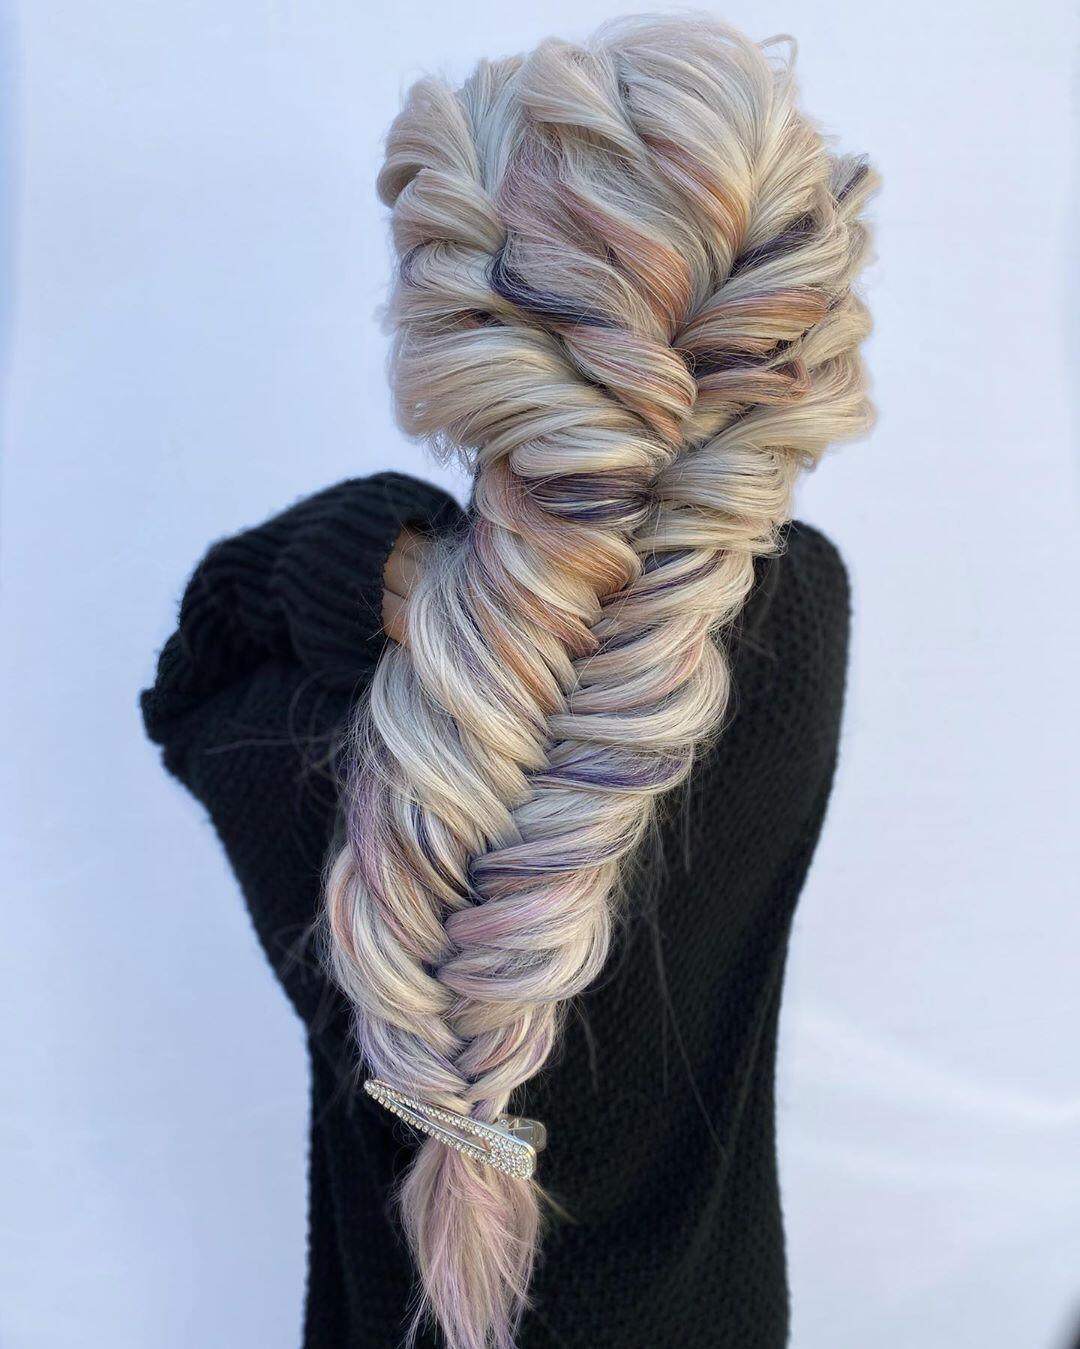 treccia a spina di pesce su capelli biondi con ciuffi rosa e viola